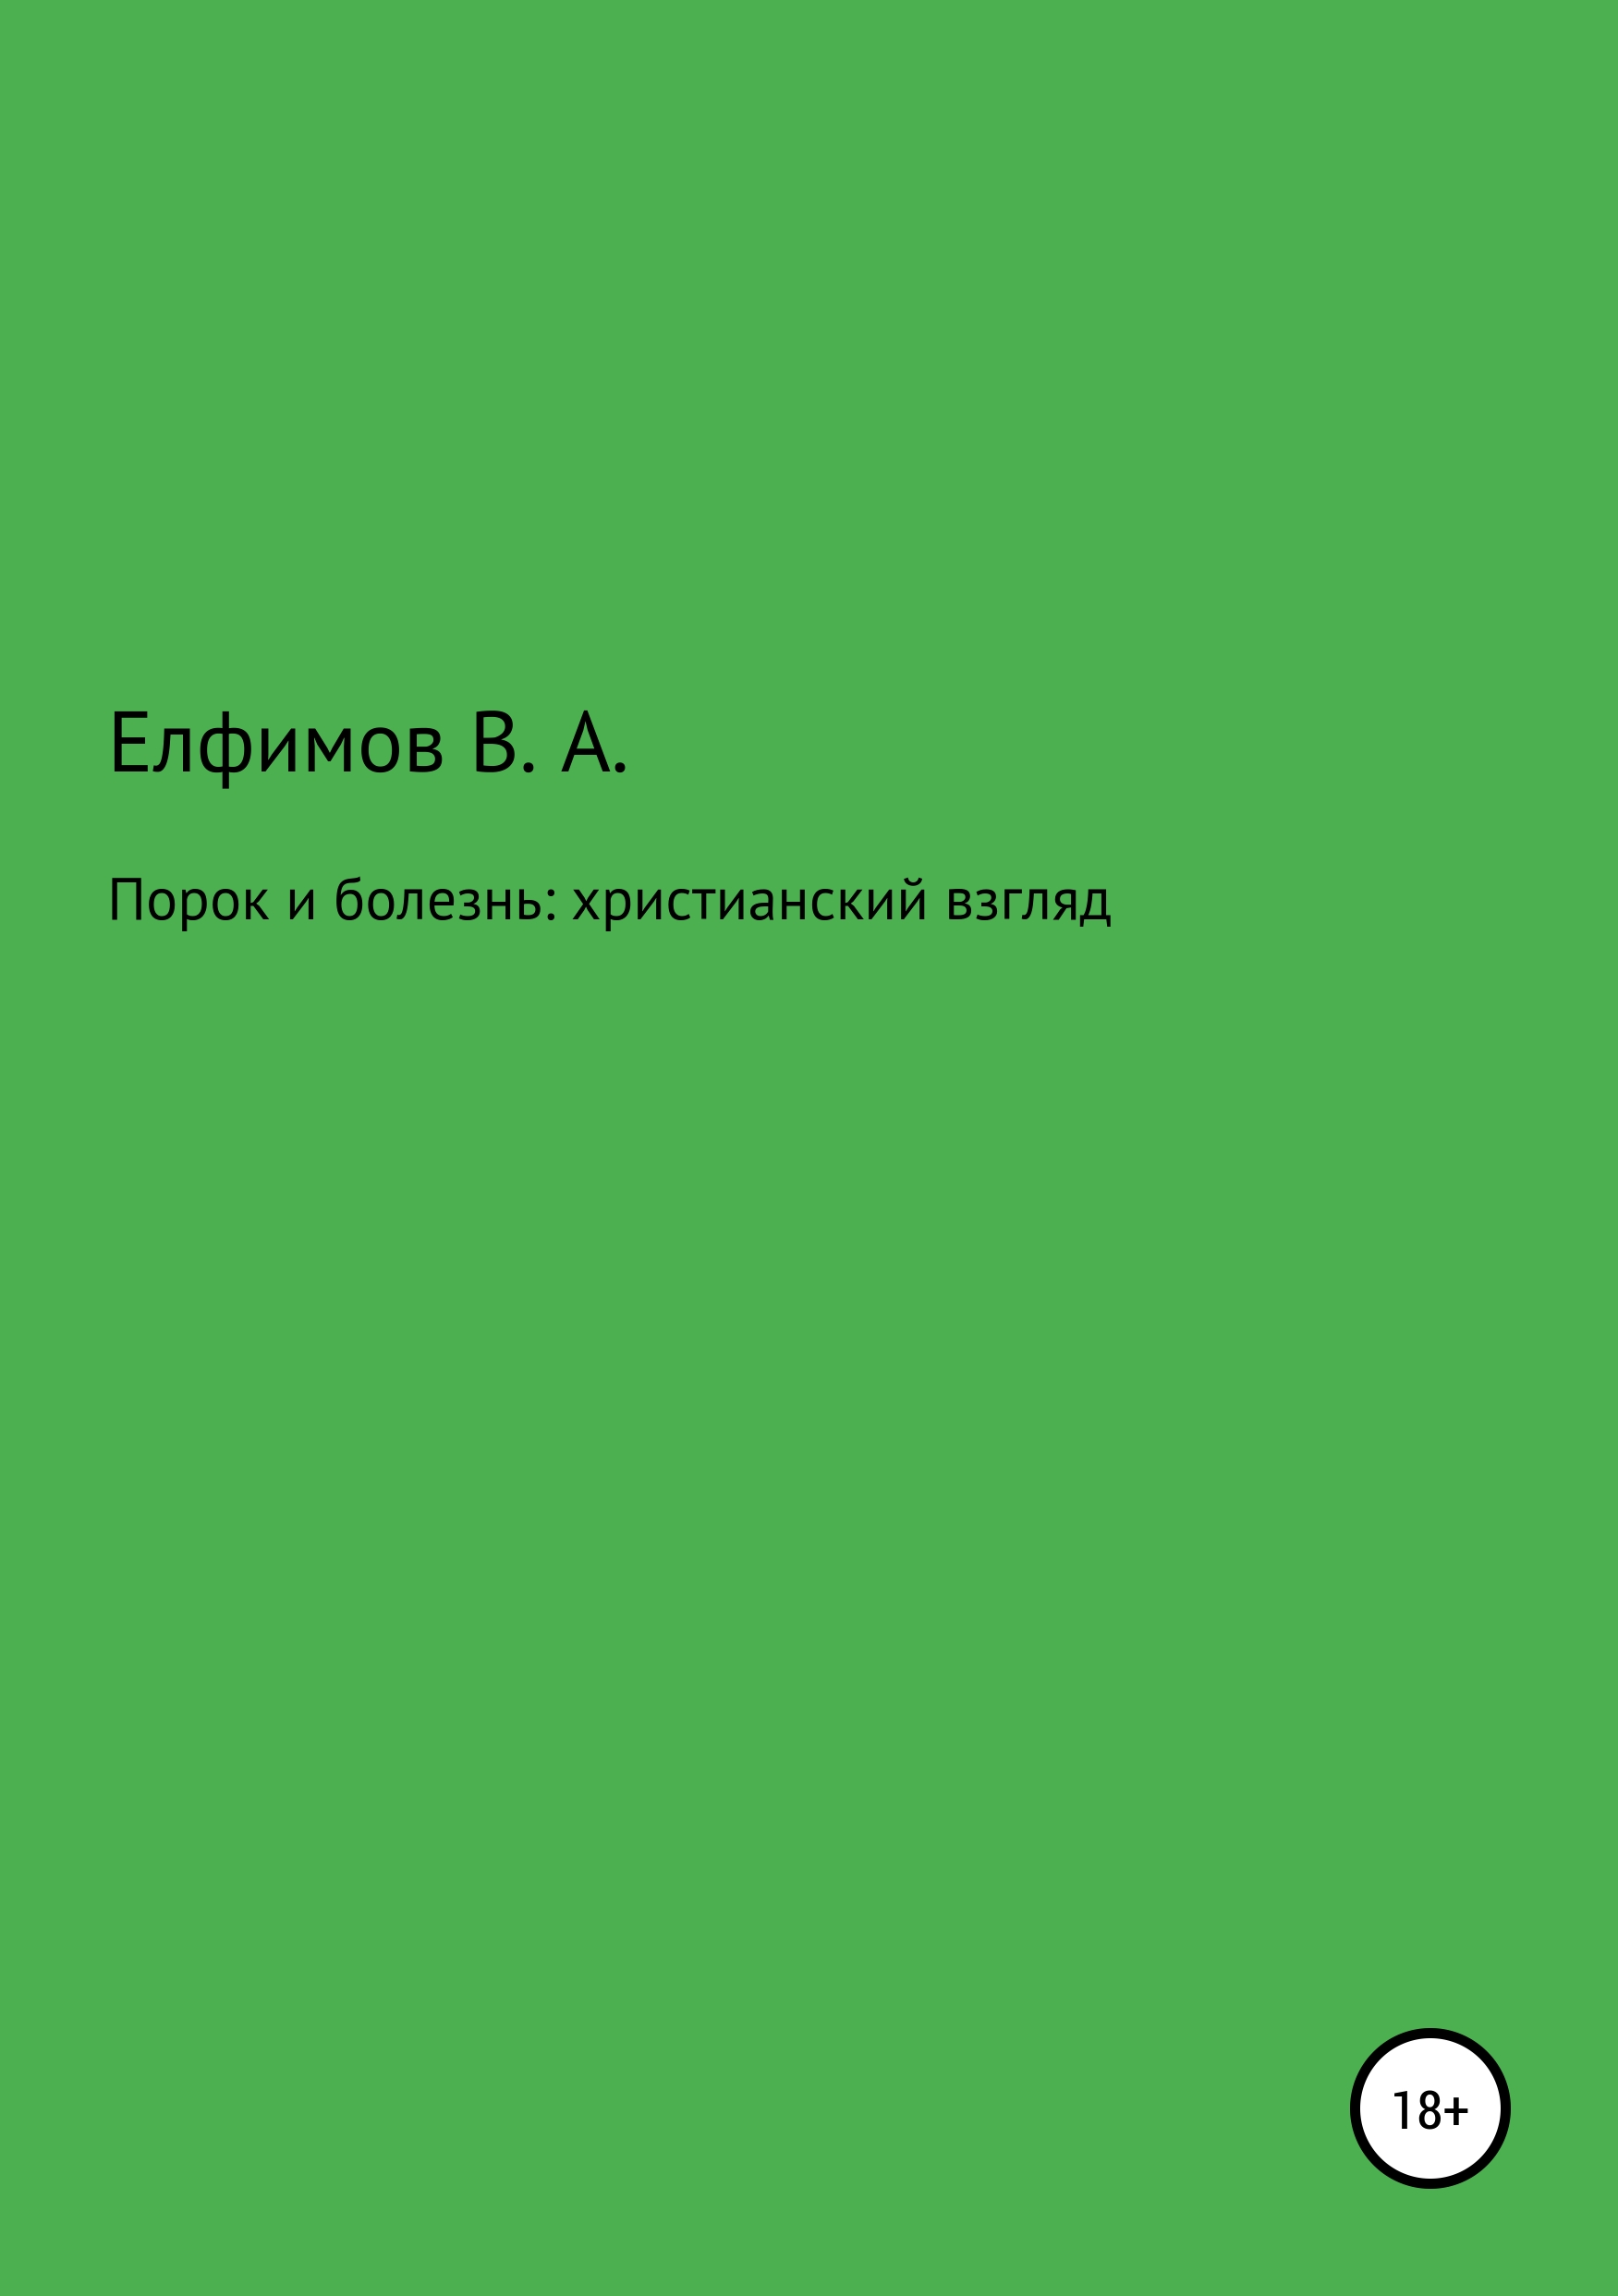 Купить книгу Порок и болезнь: христианский взгляд, автора Вадима Анатольевича Елфимова